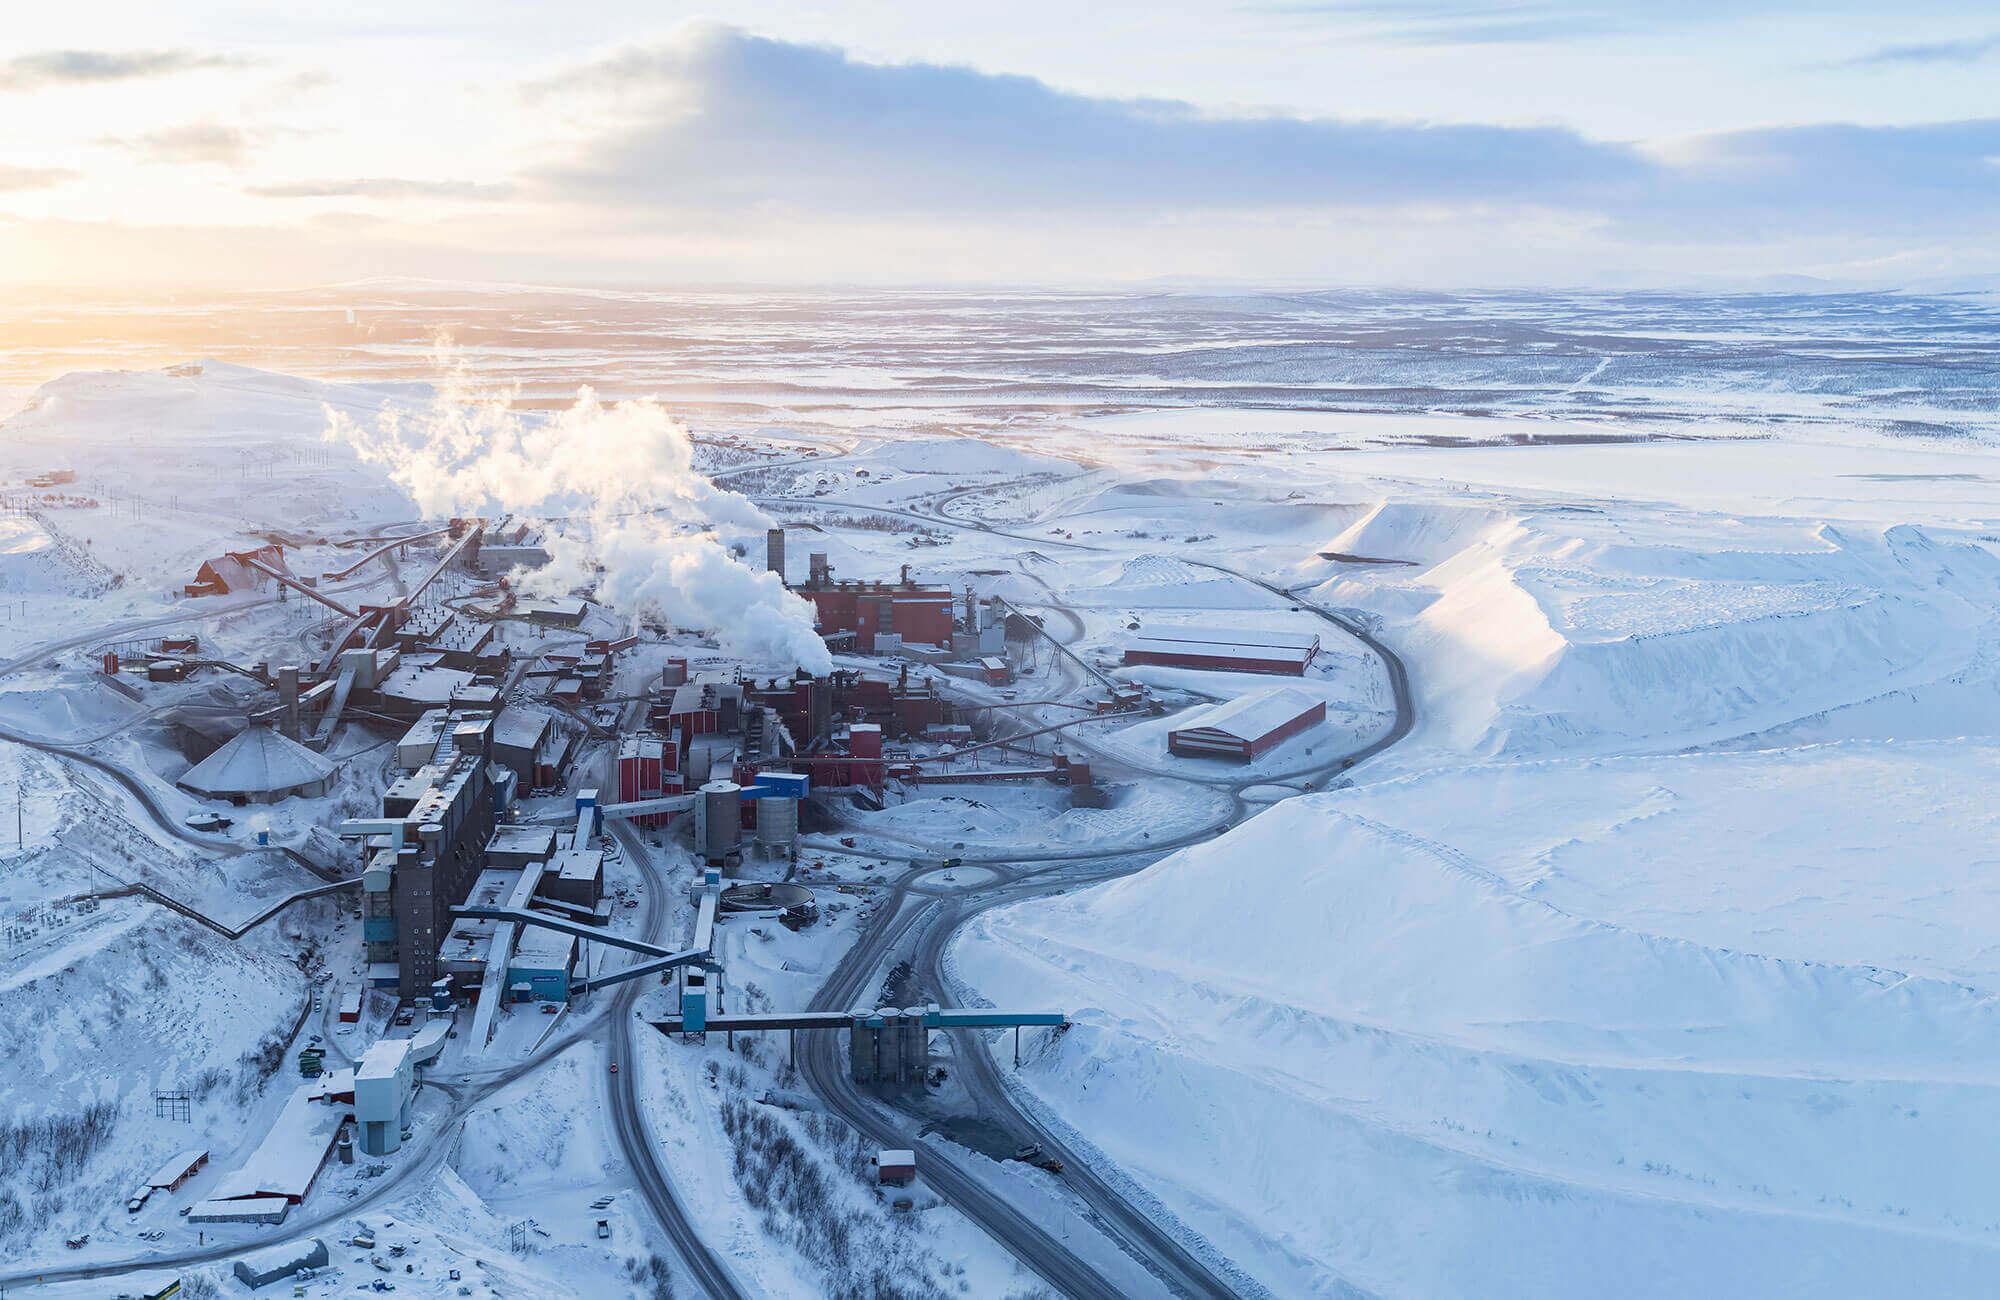 Déménagement de Kiruna : la compagnie d'exploitation minière publique LKAB prendra en charge les frais engendrés